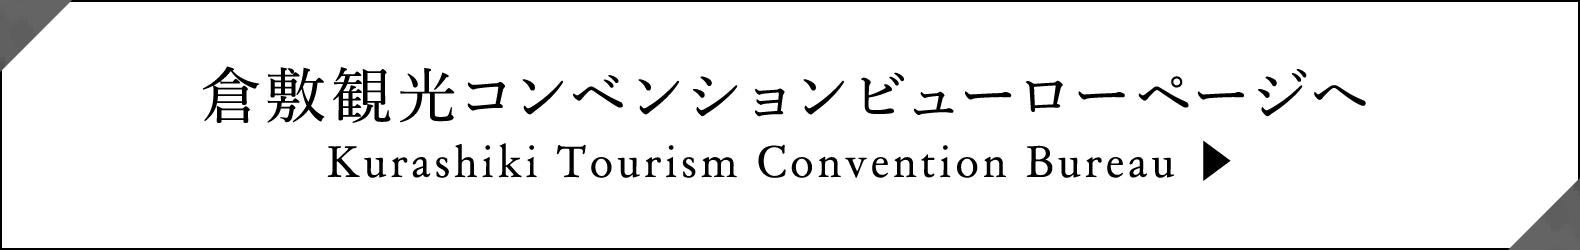 倉敷観光コンベンションビューローページへ Kurashiki Tourism Convention Bureau